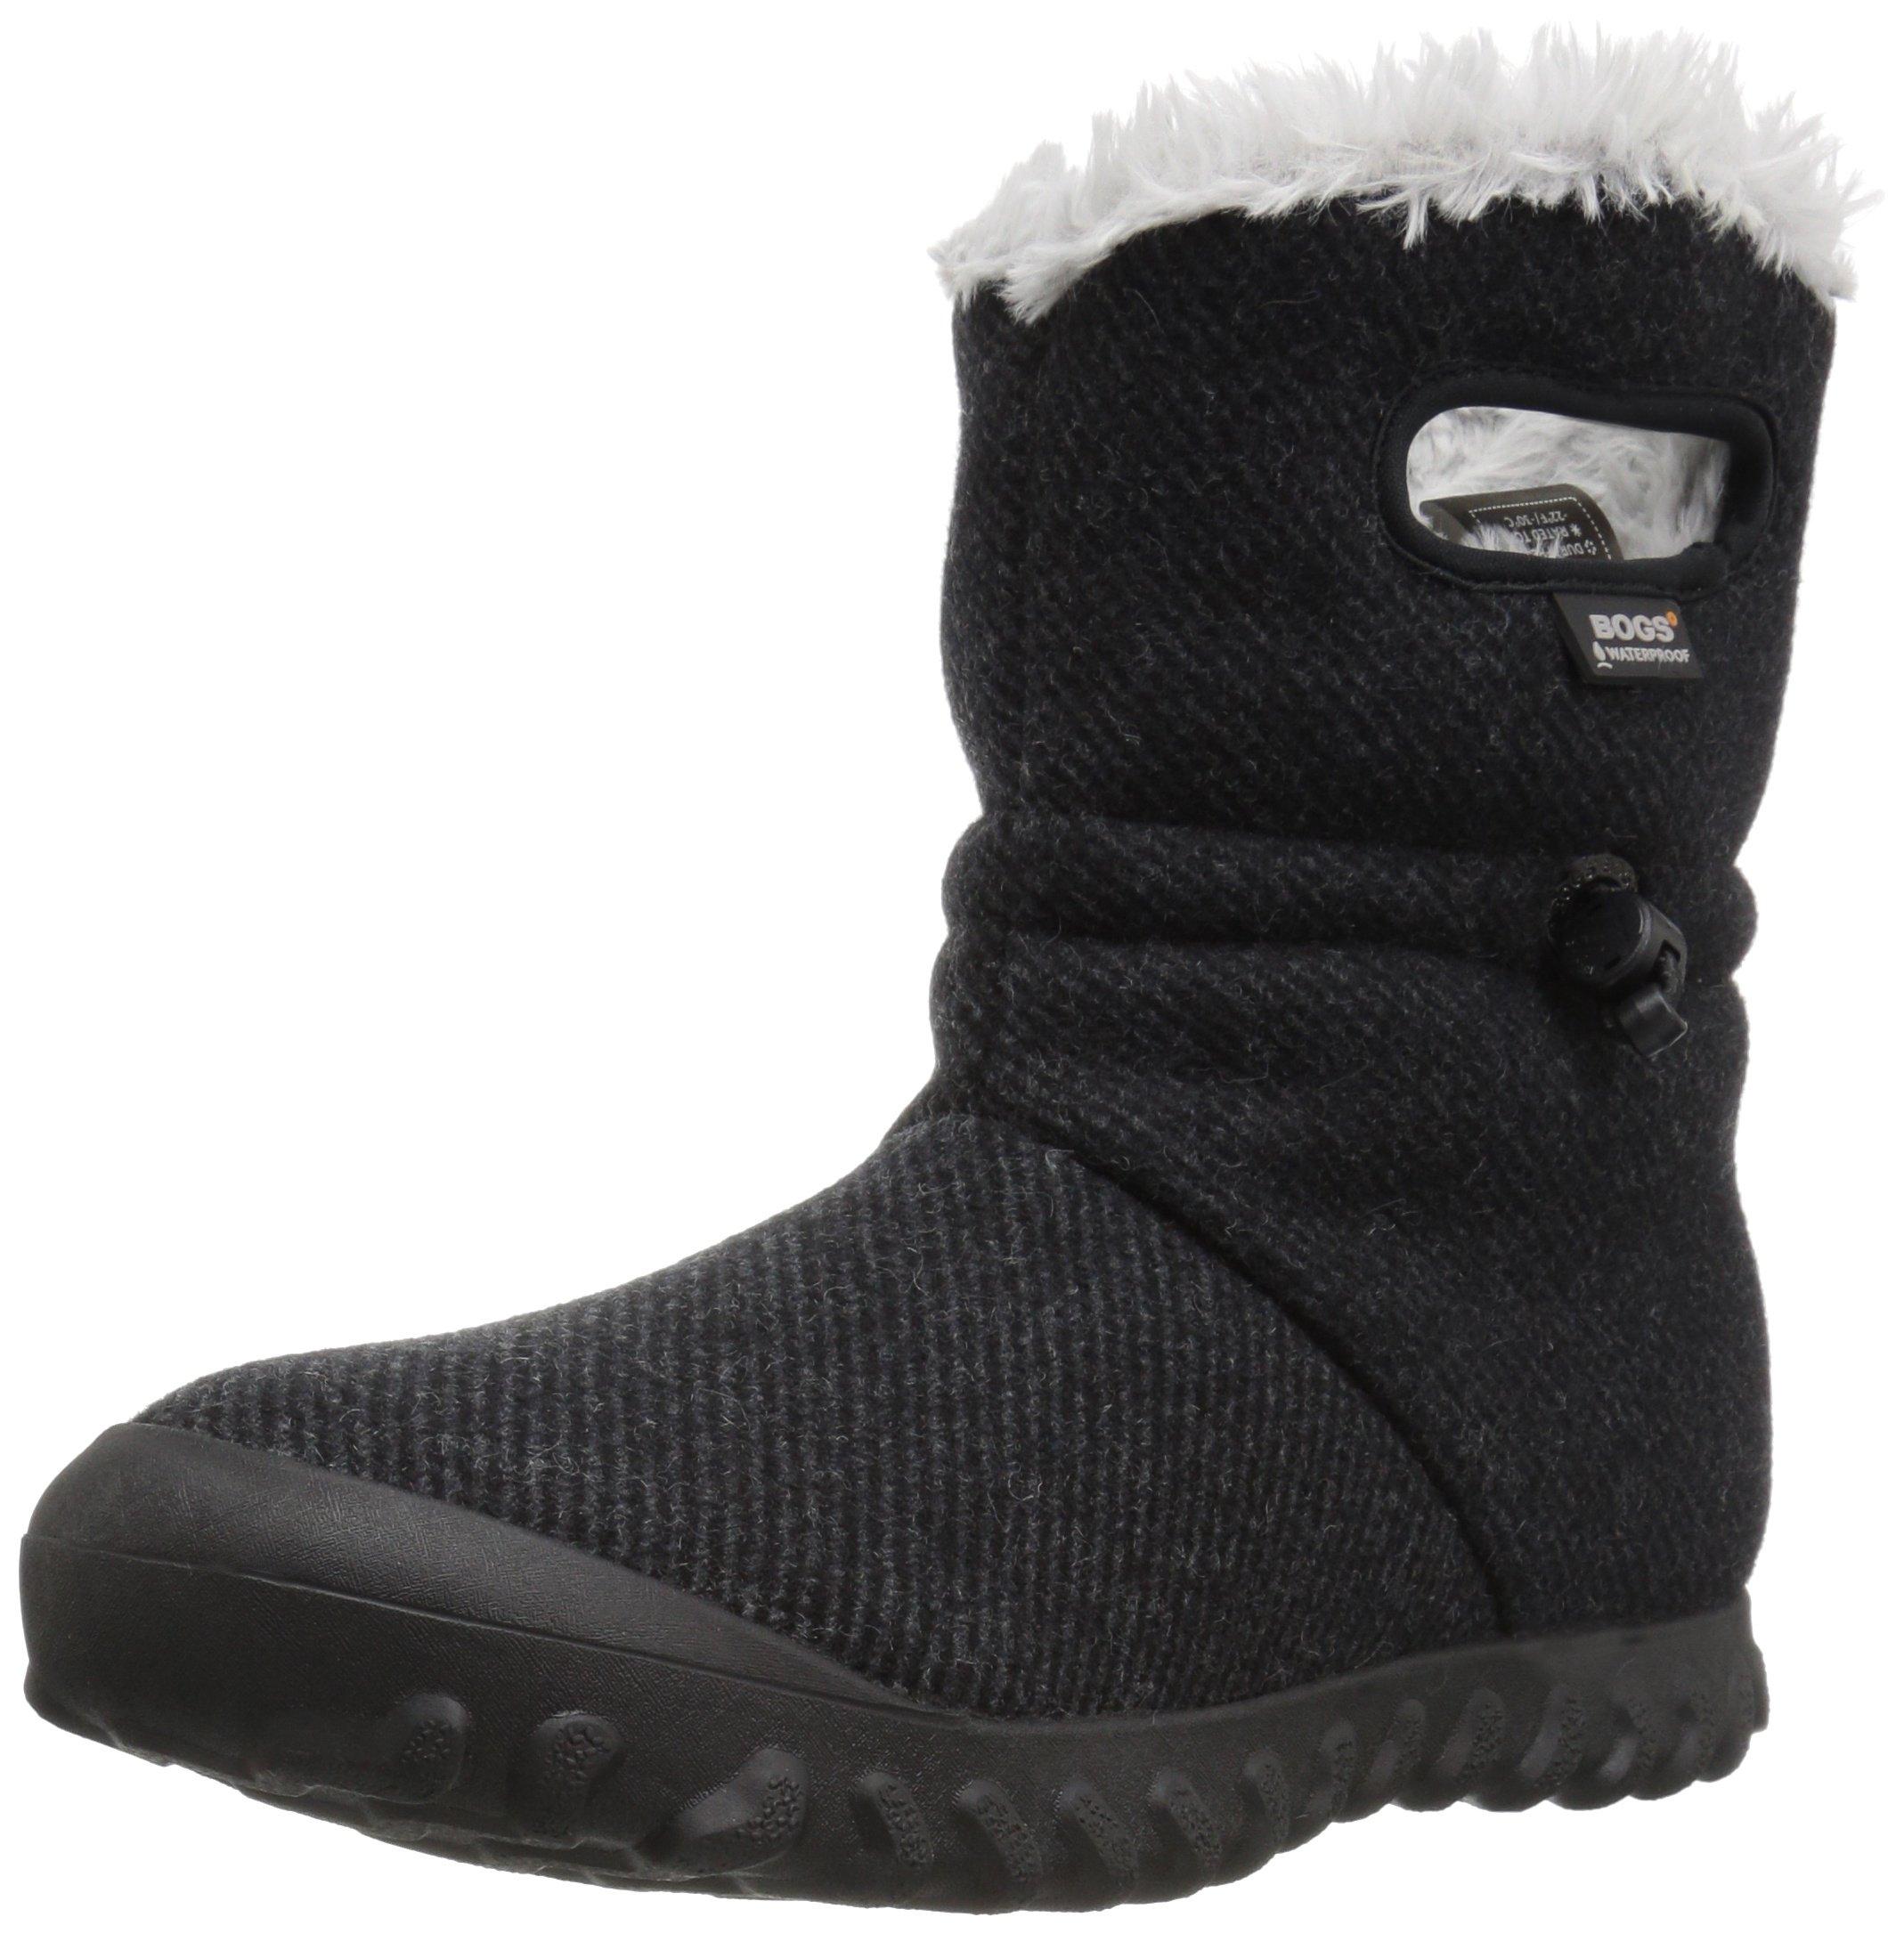 Bogs Women's Bmoc Wool Snow Boot, Black, 10 M US by Bogs